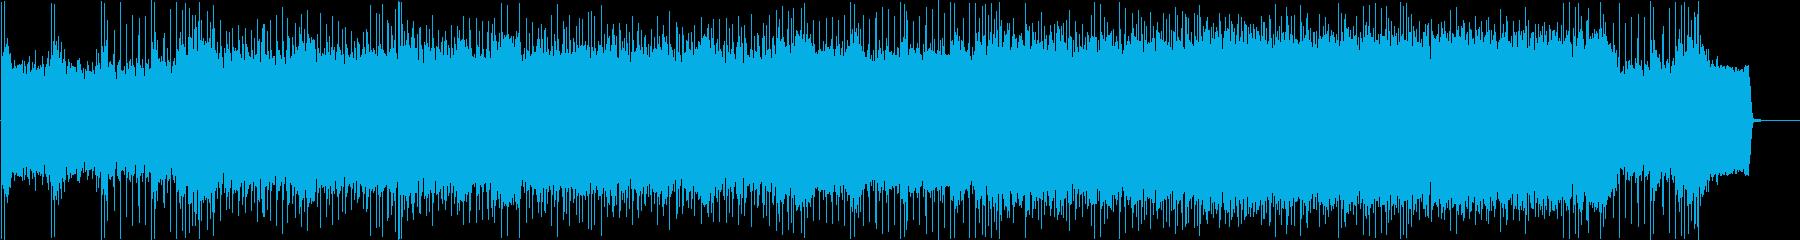 激しいバトルをイメージしたメタルBGMの再生済みの波形